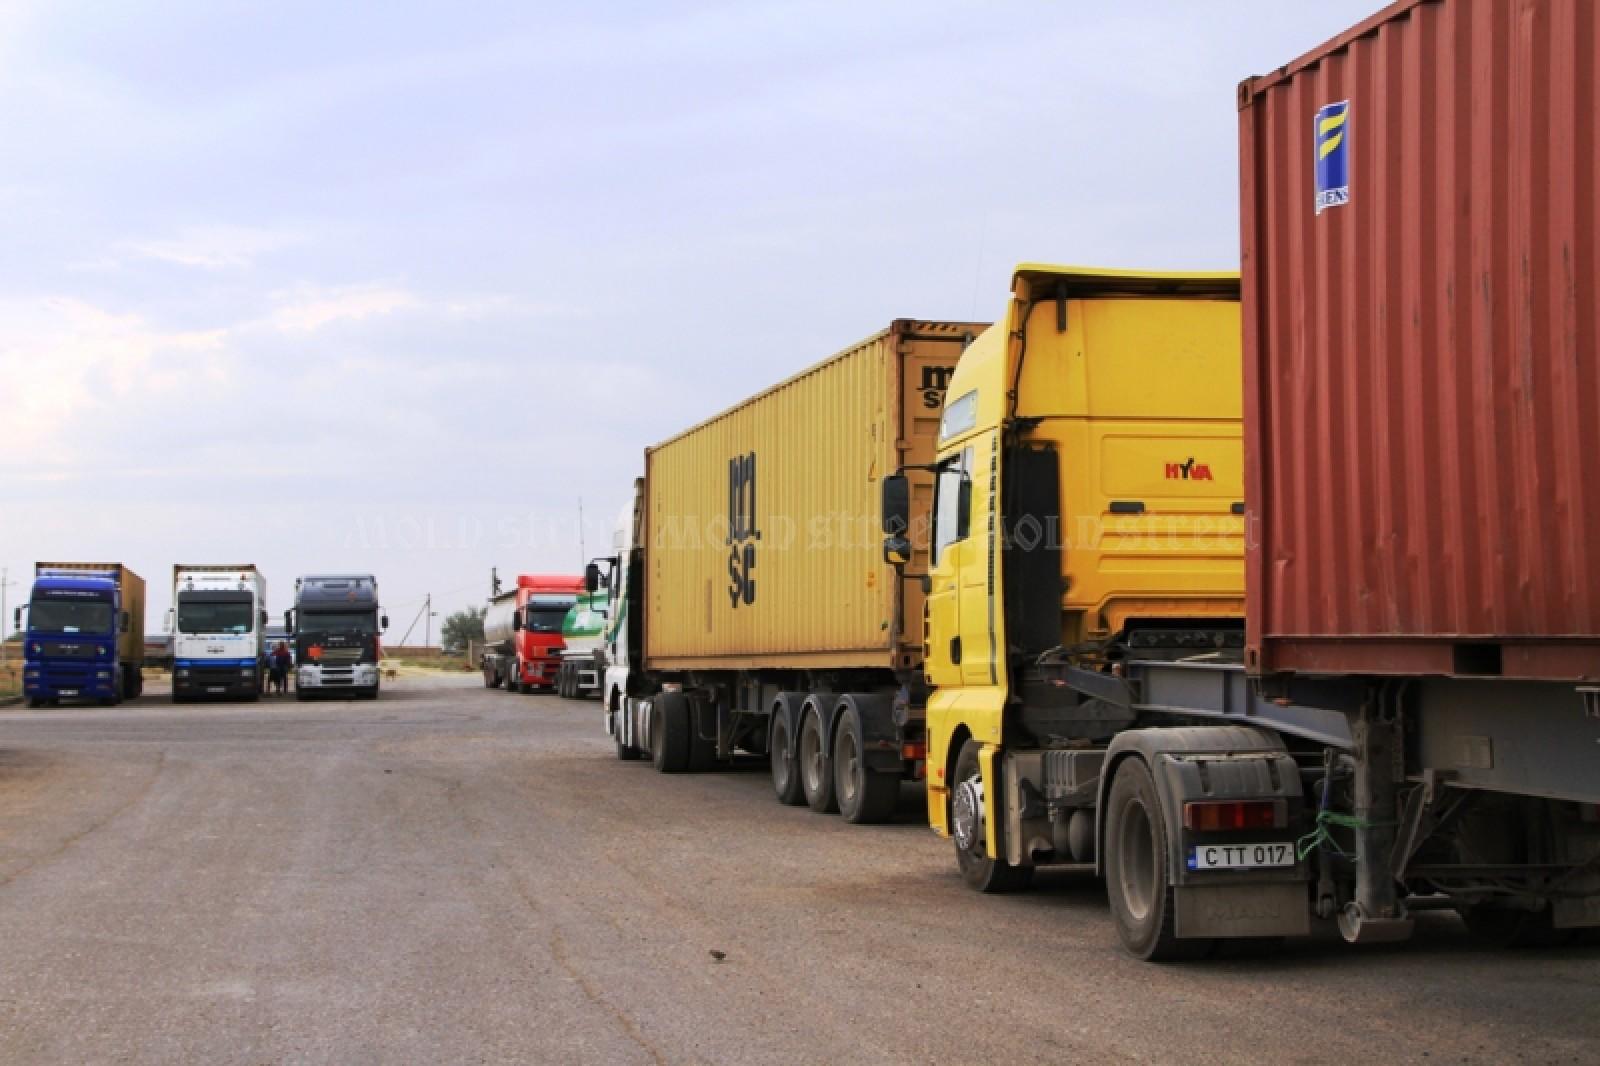 Mold-street: O nouă restricţie! Turcia a anulat regimul liberalizat pentru transportatorii din Moldova